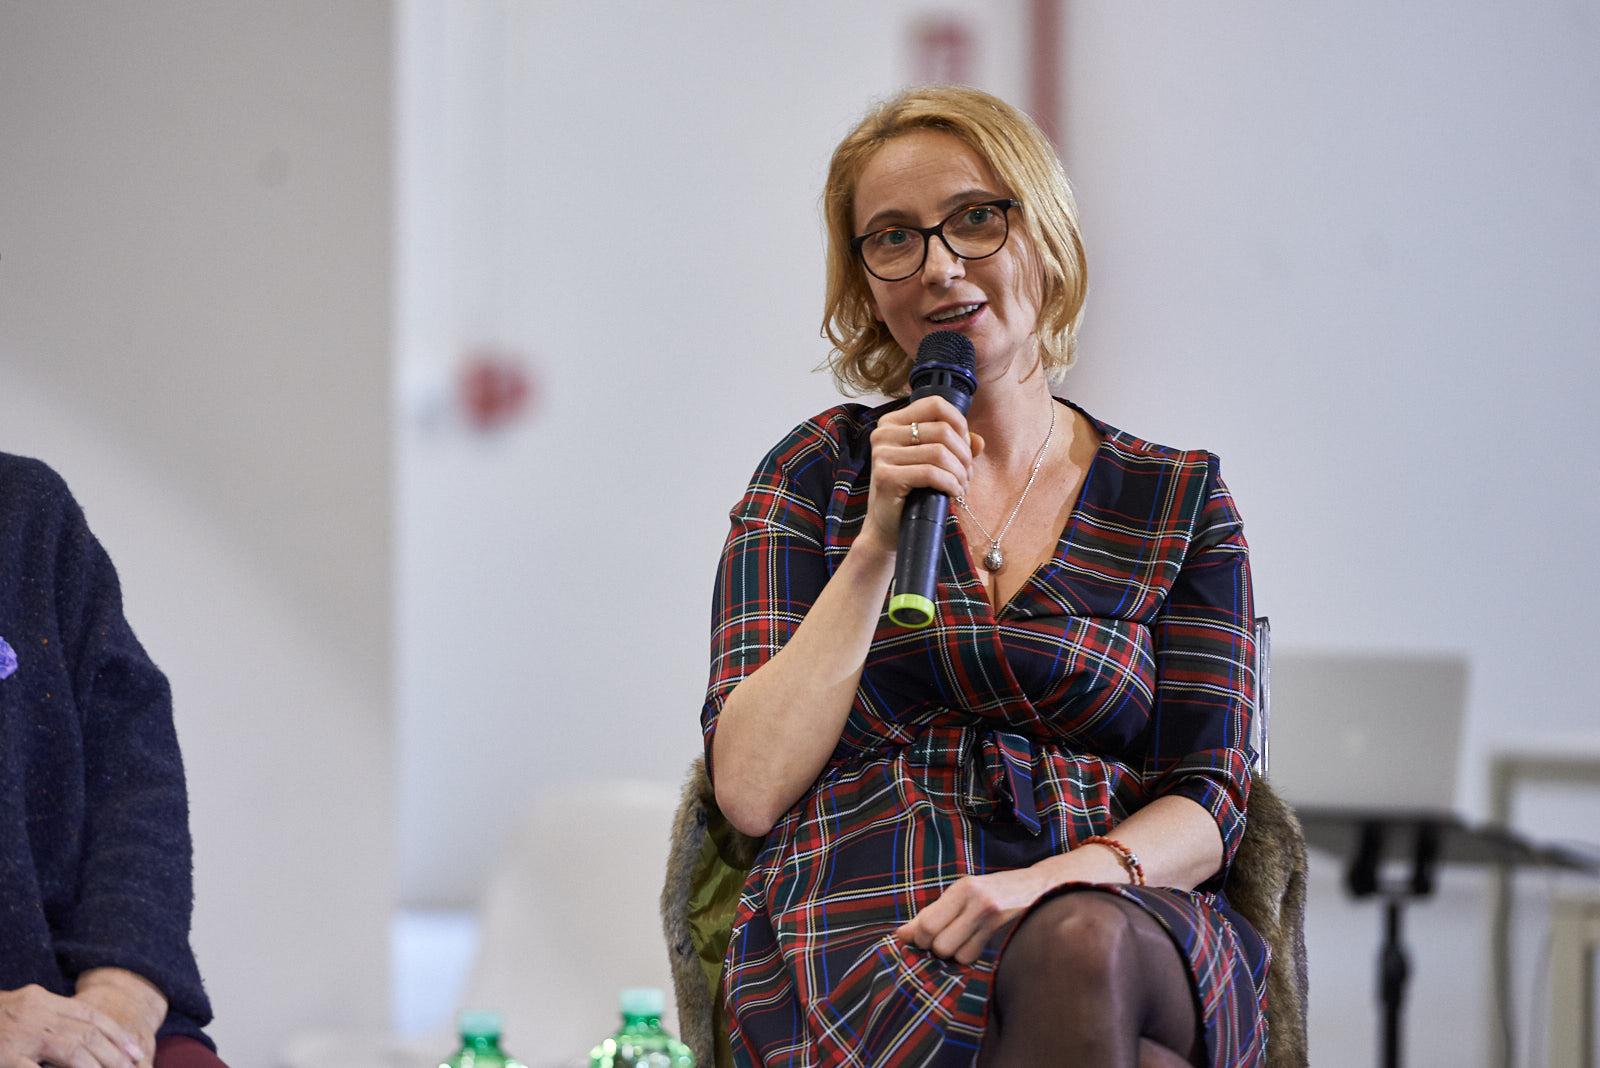 Anna Ziarkowska, responsabile educazione della Casa degli incontri con la storia di Varsavia